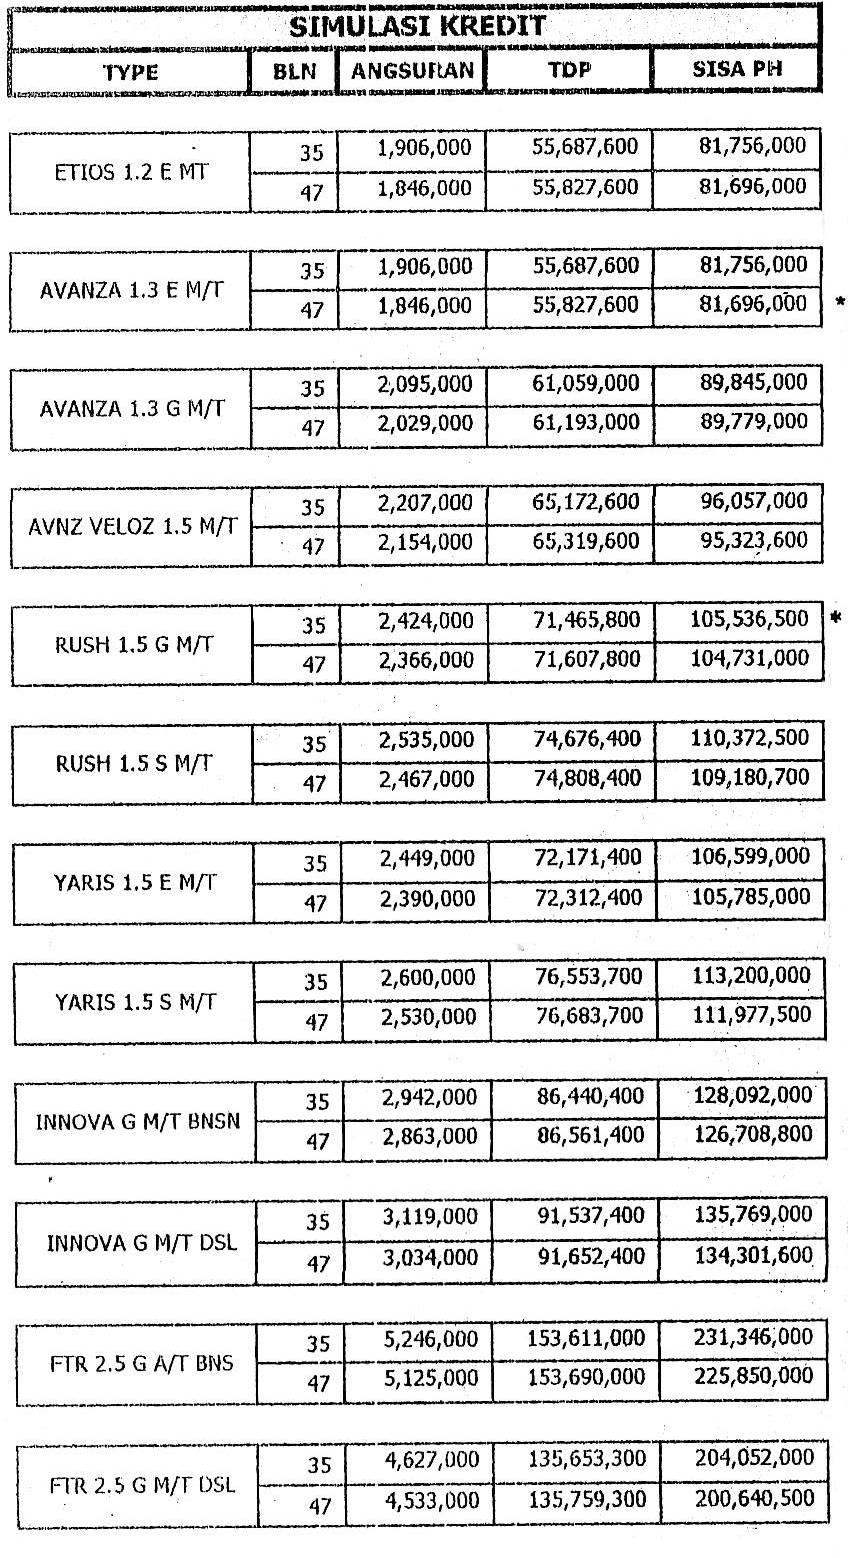 Jual Mobil Baru Murah Bandung/bdg (kredit/cash) avanza ...